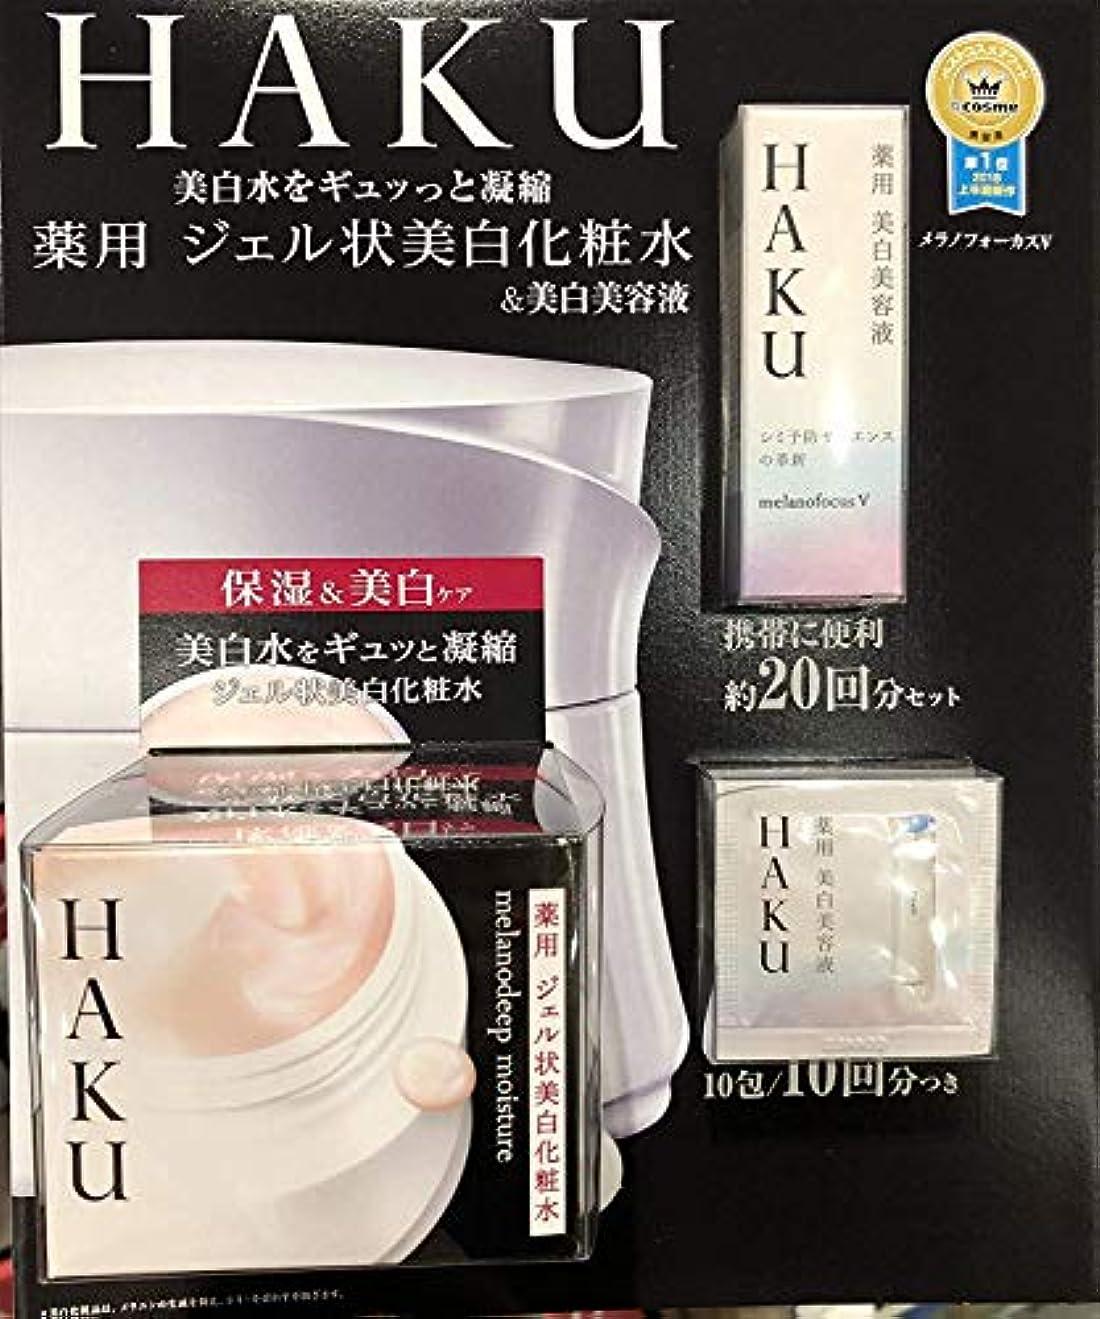 真剣に騙す手数料資生堂 HAKU 美白セット 薬用 ジェル状美白化粧水&薬用美白乳液セット